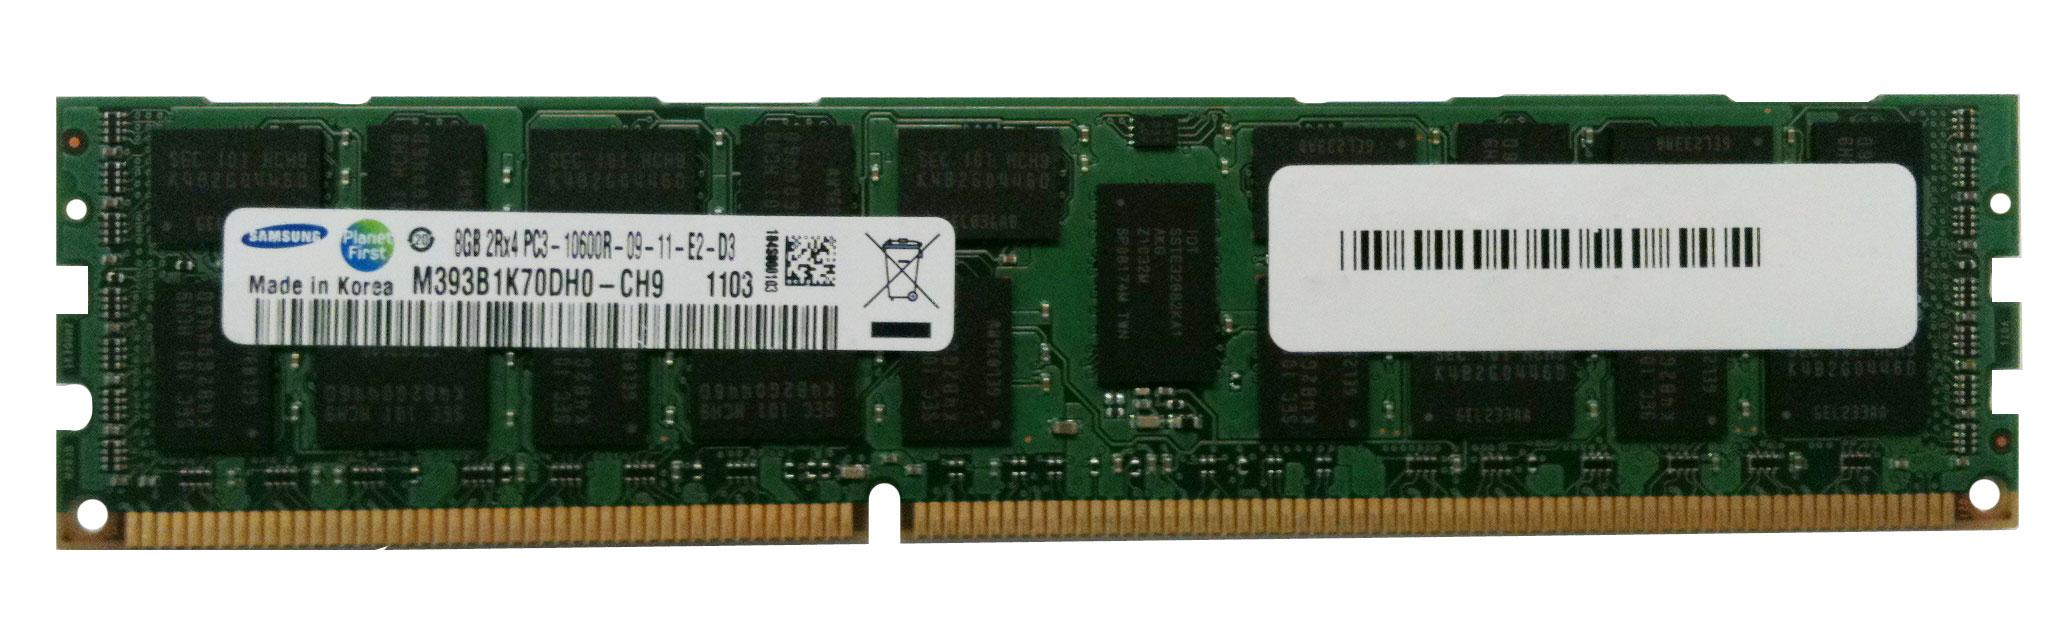 M4L Certified 8GB 1333MHz DDR3 PC3-10600 Reg ECC CL9 240-Pin Dual Rank x4 DIMM Mfr P/N M4L-PC31333D3D4R9S-8G